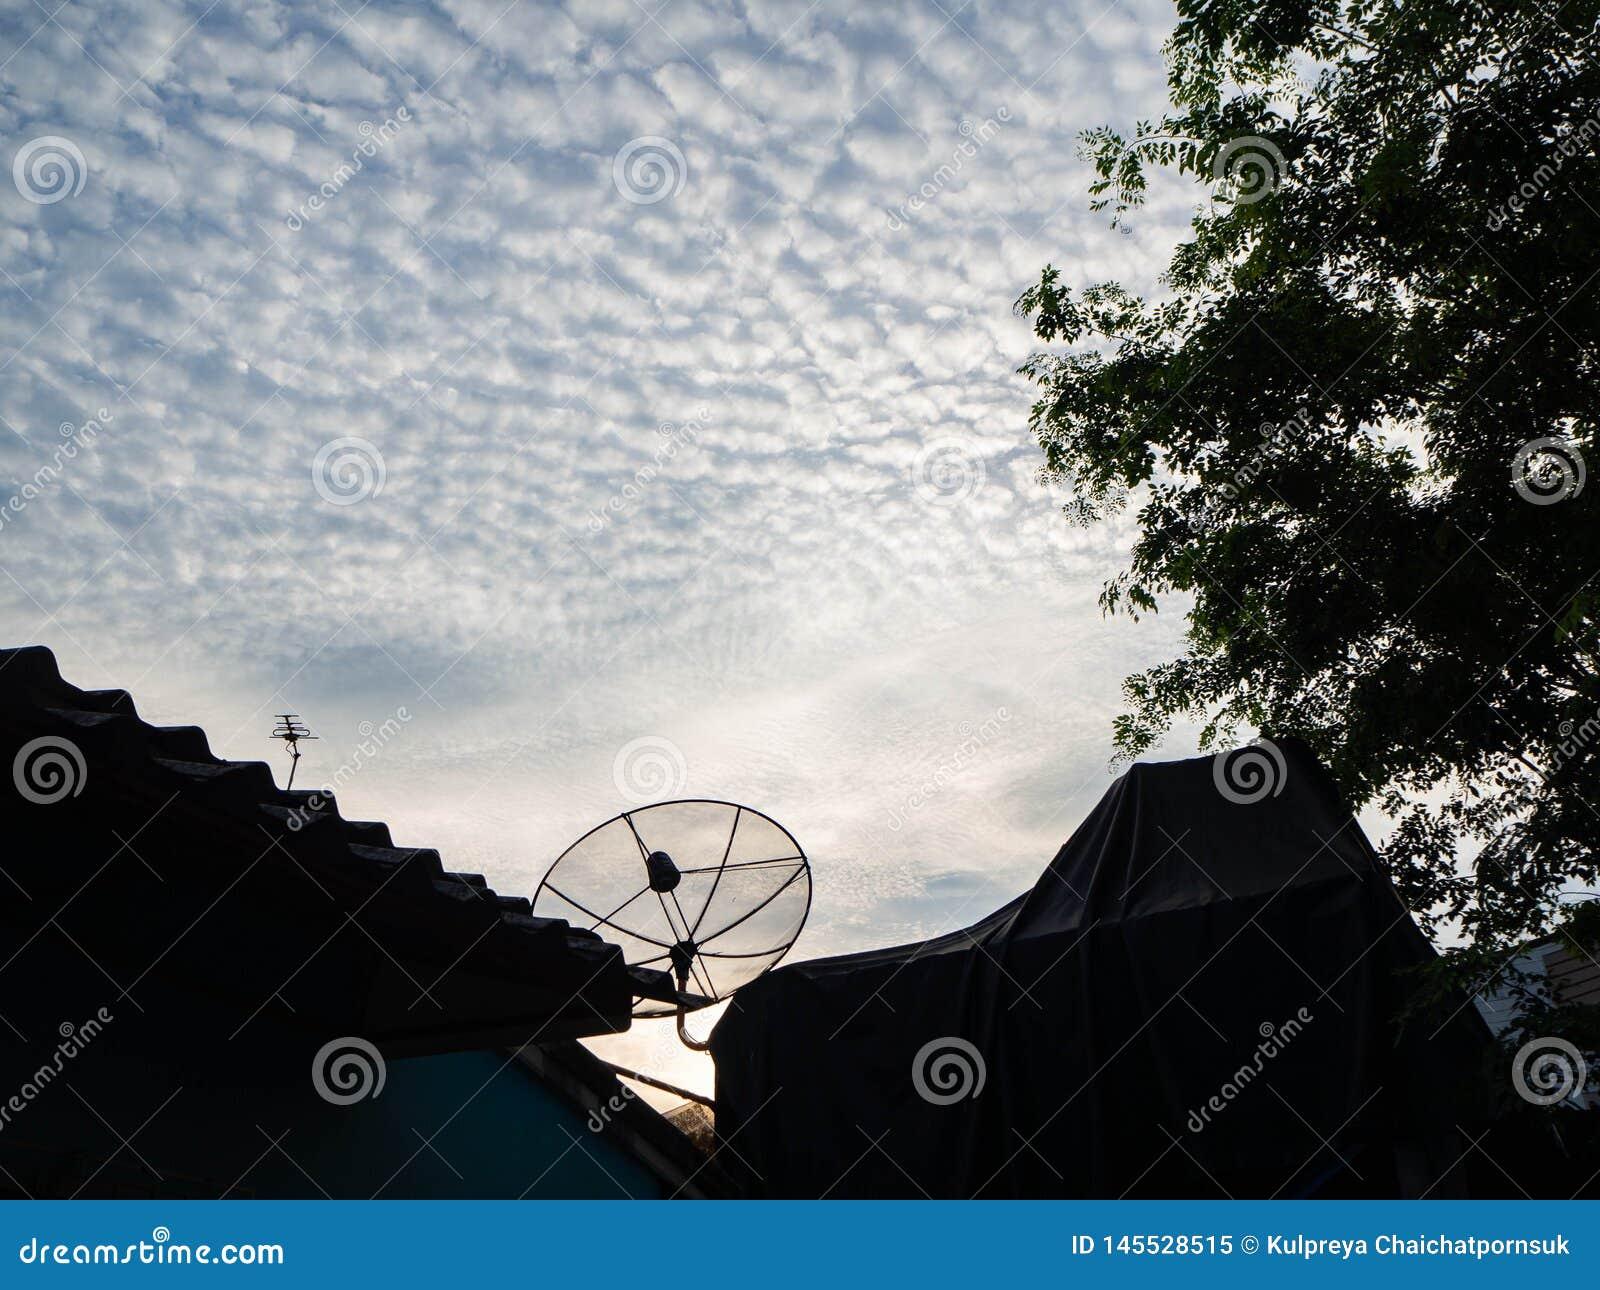 ฺBlue Himmelwolken-Gartenhaus, Thailand